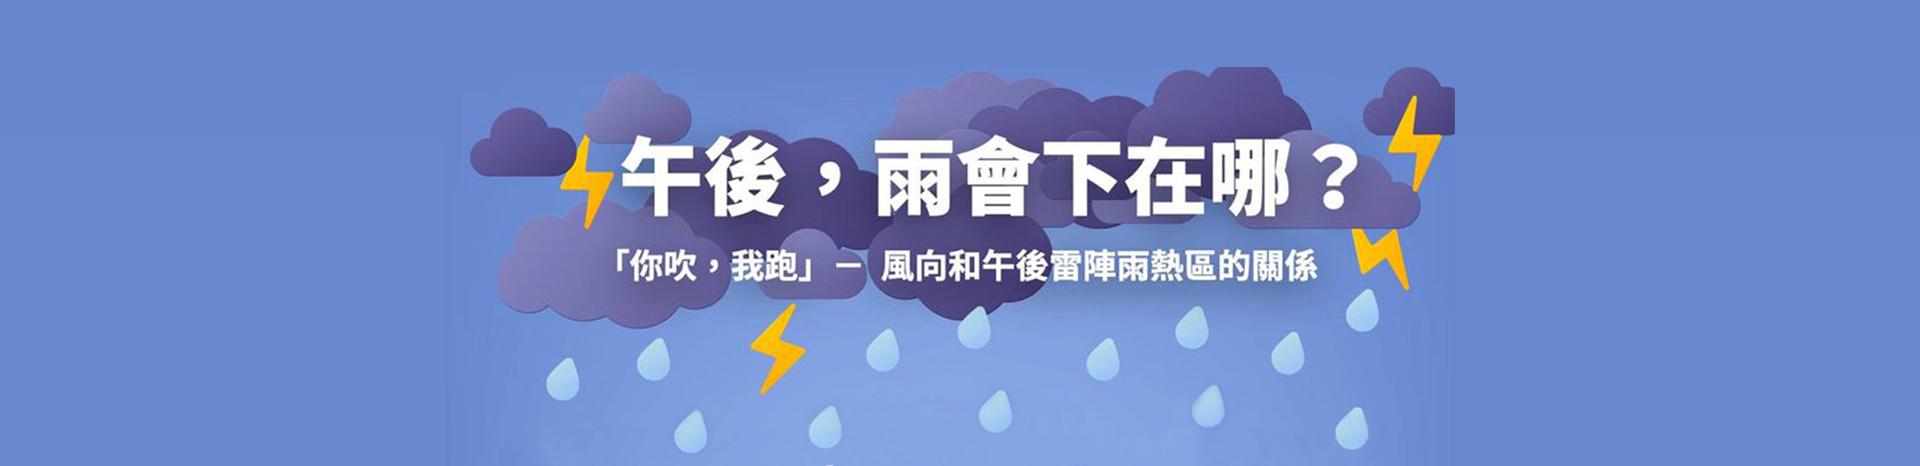 午後,雨會下在哪?